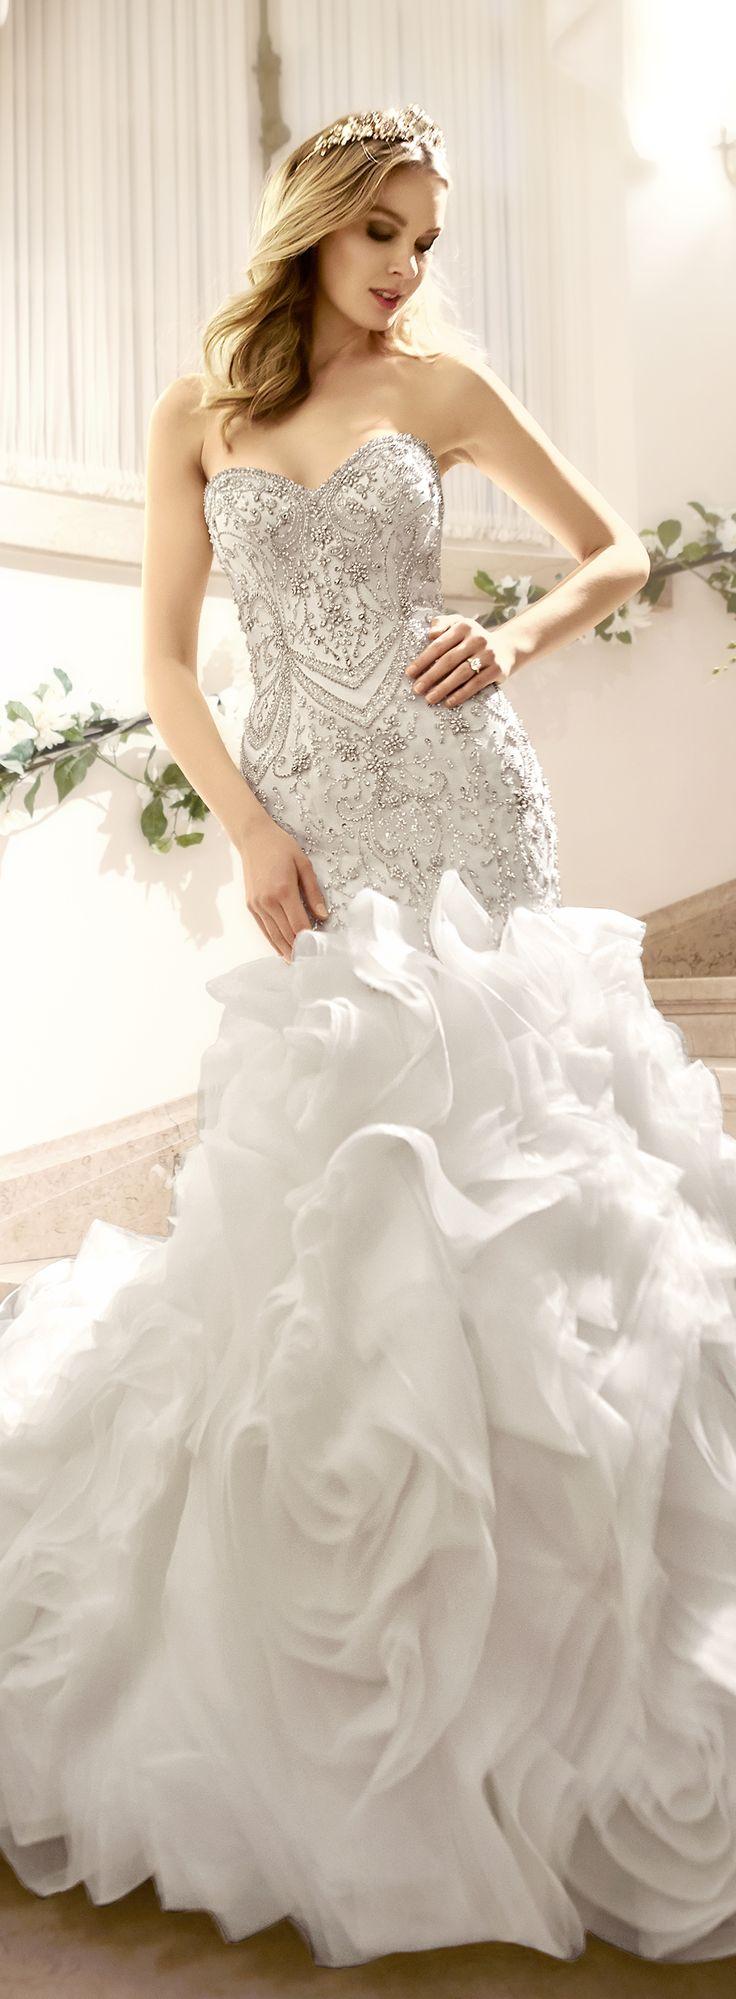 200 besten wedding dresses Bilder auf Pinterest | Brautkleid Zubehör ...